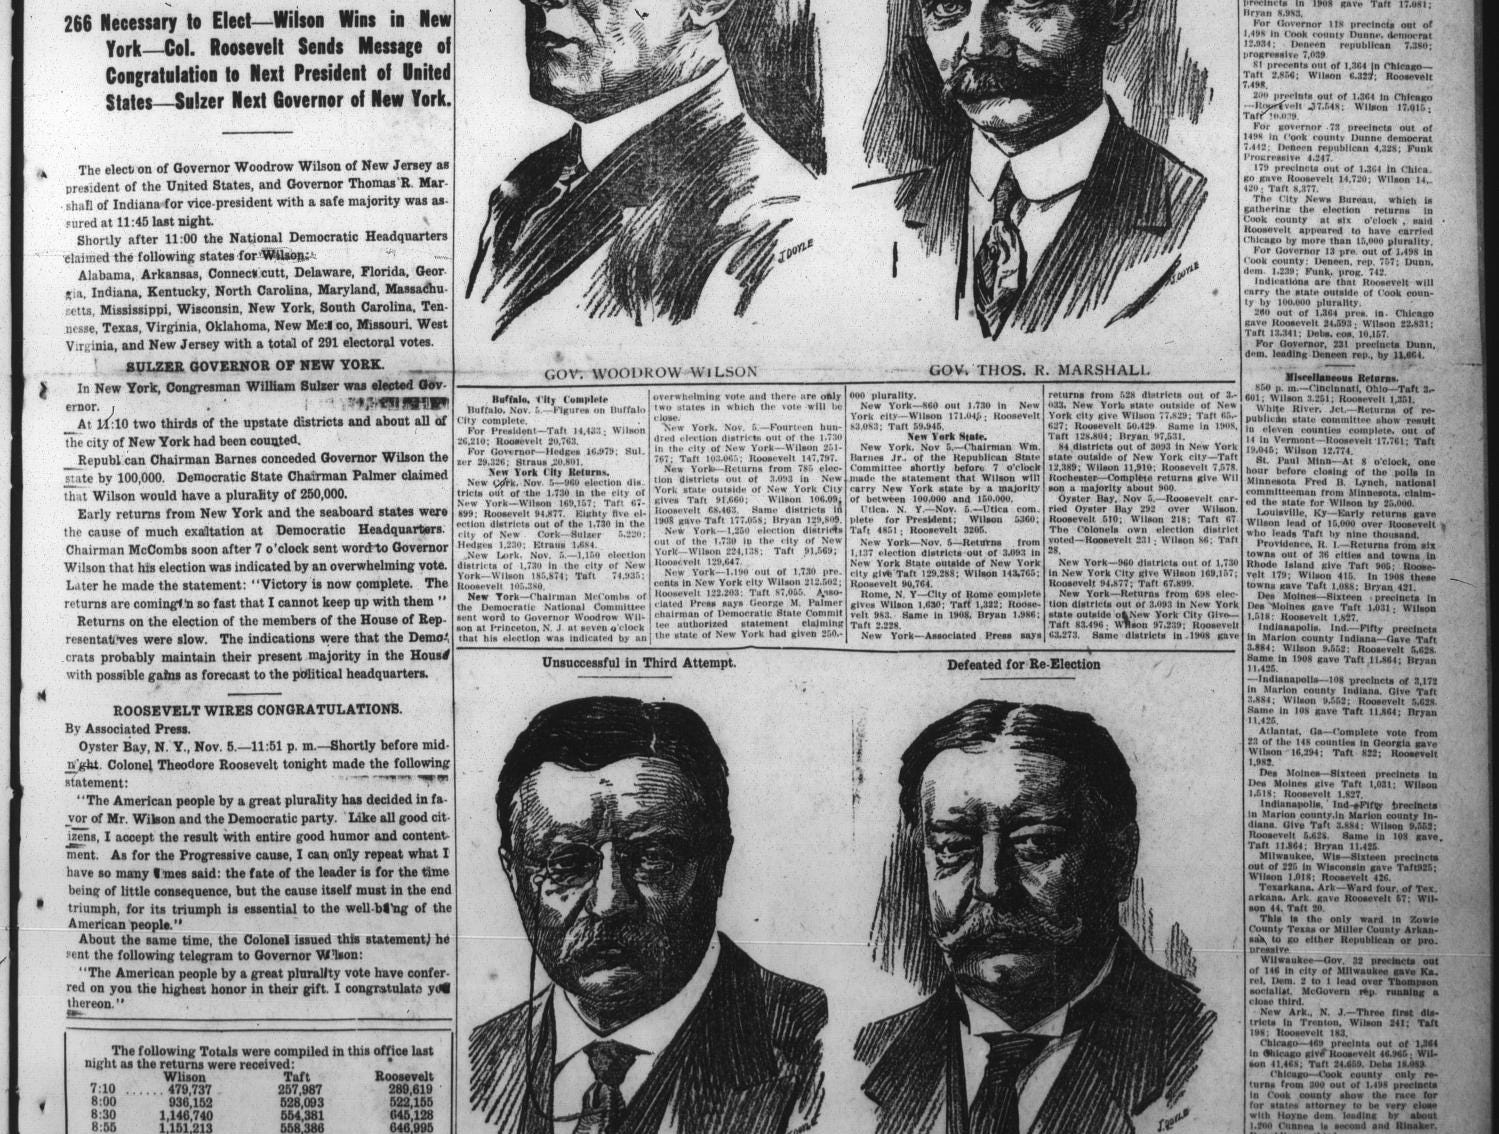 November 6, 1912, issue of the Abilene Reporter-News.